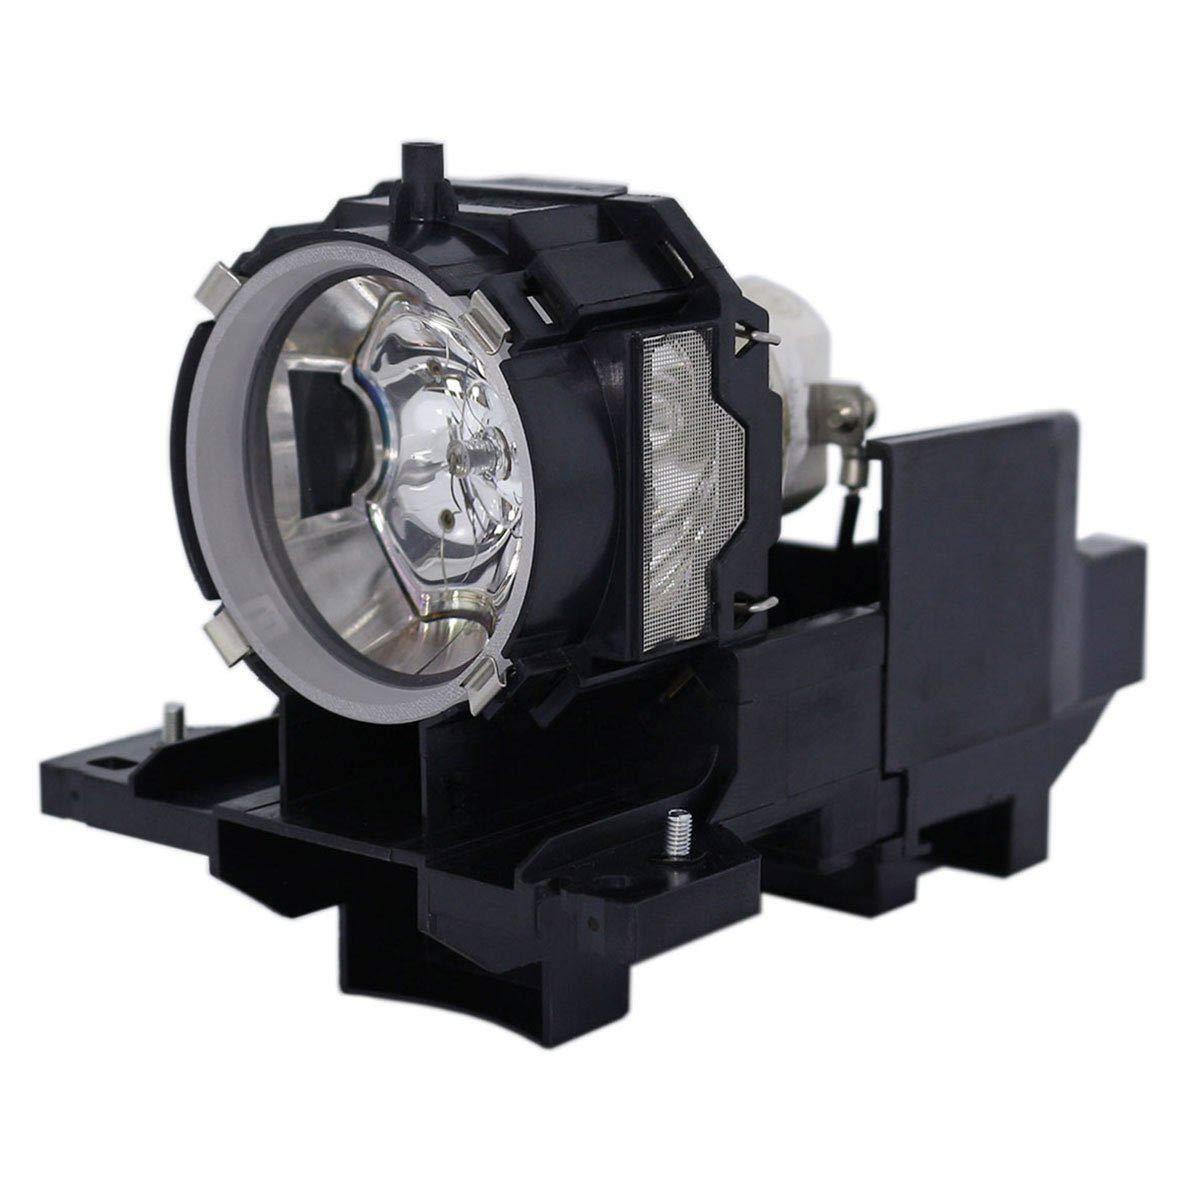 EachLight プロジェクター交換用 ランプ DT00873 日立 Hitachi CP-X809 / CP-WX625 / CP-SX635 / CP-SX635J / CP-WUX645 / CP-WUX645N / CP-WX625J / CPWX625 / CP-WX625W / CP-X809J / CP-X809W 対応   B07HVQM4JN